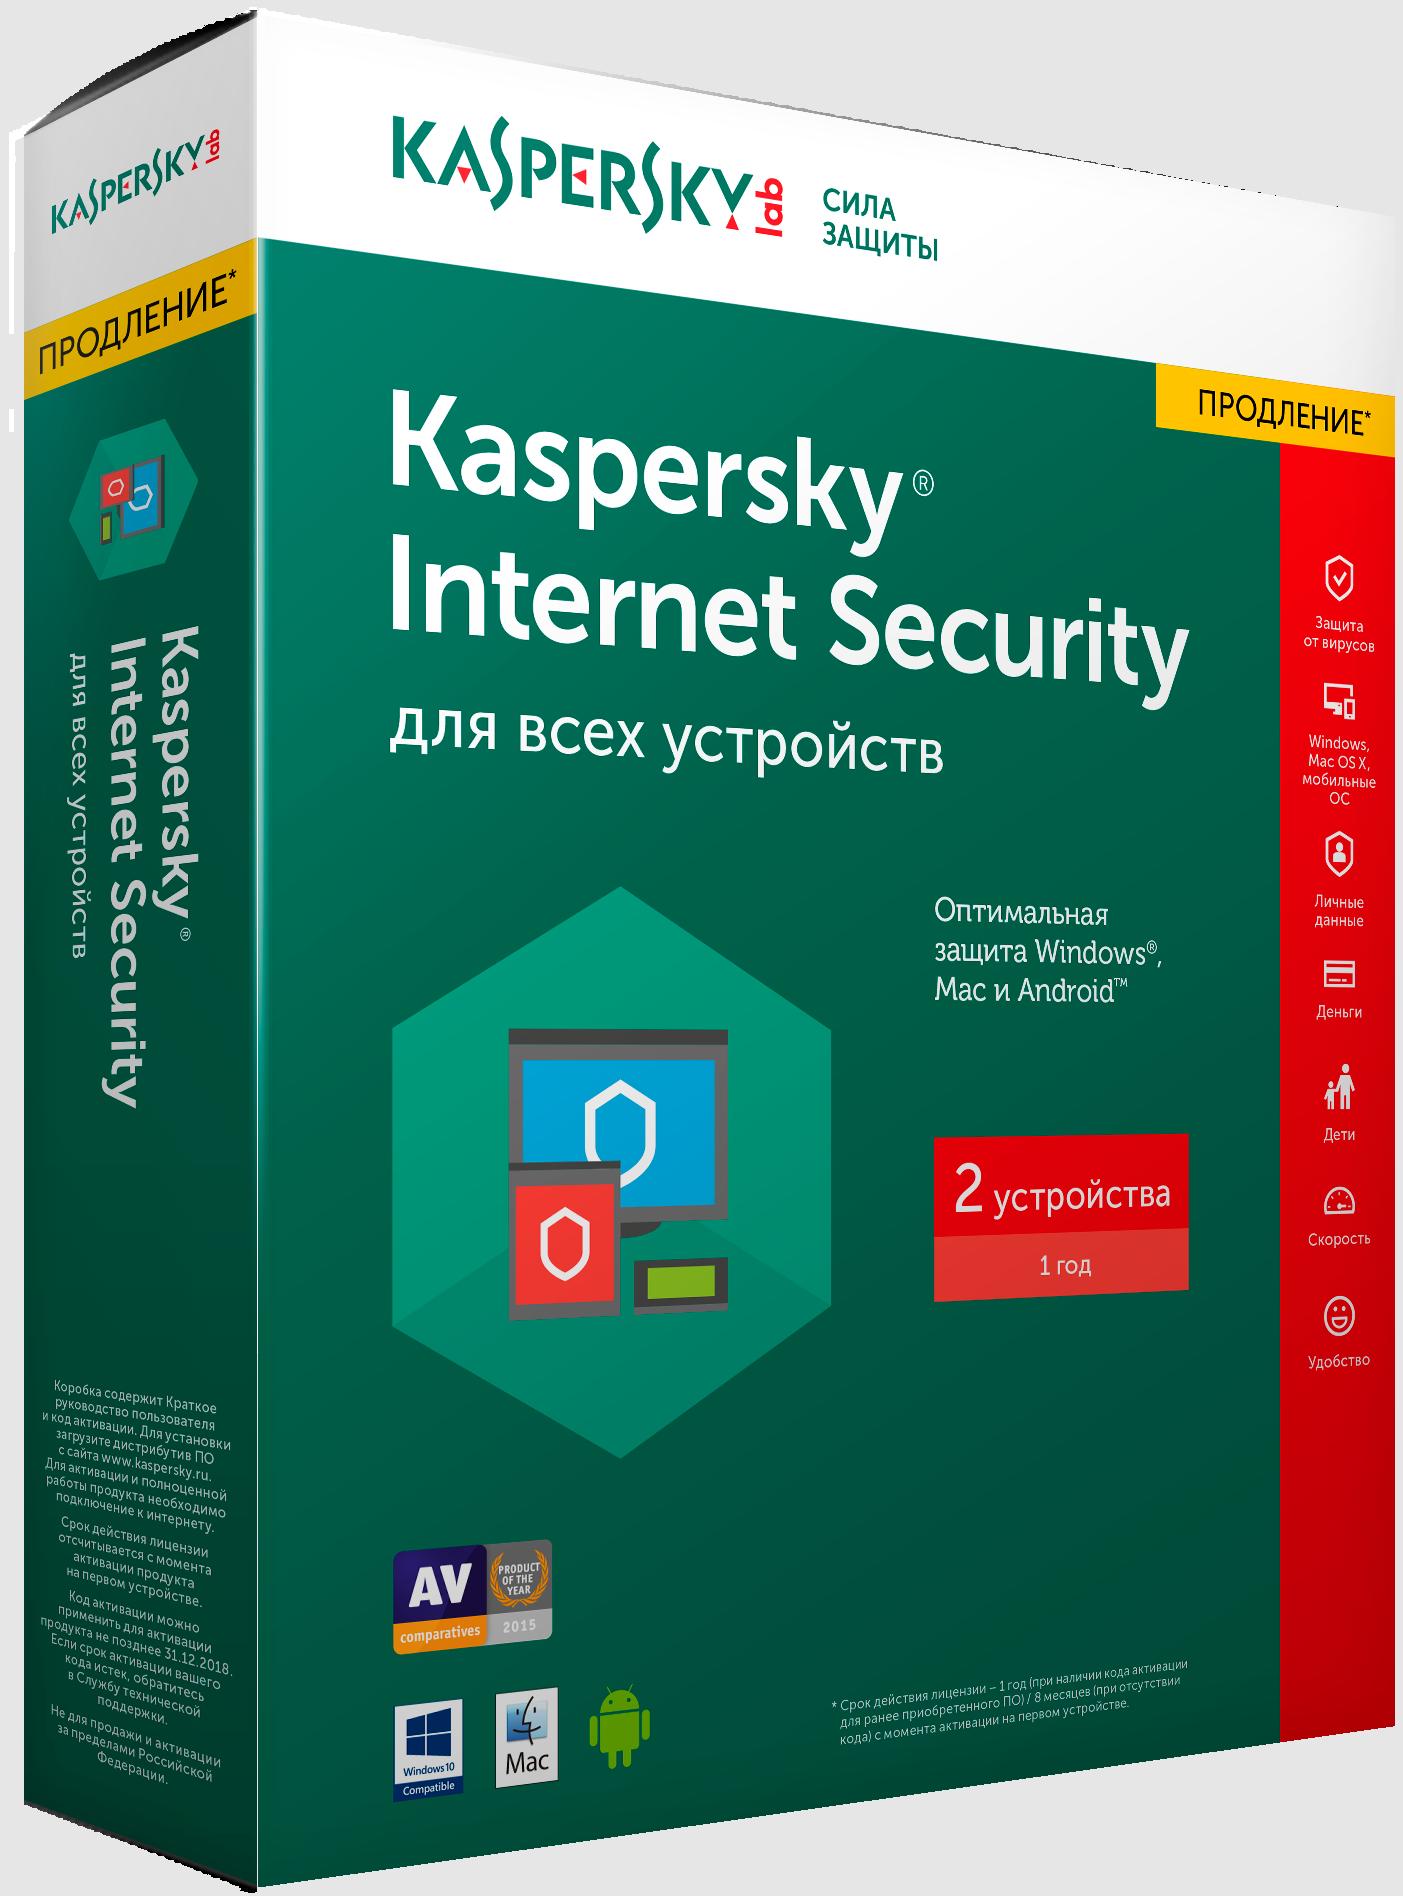 Kaspersky Internet Security для всех устройств. Продление (2 устройства, 1 год)Kaspersky Internet Security для всех устройств &amp;ndash; единое комплексное решение для защиты любых устройств на платформах Windows, Android и Mac OS.<br>